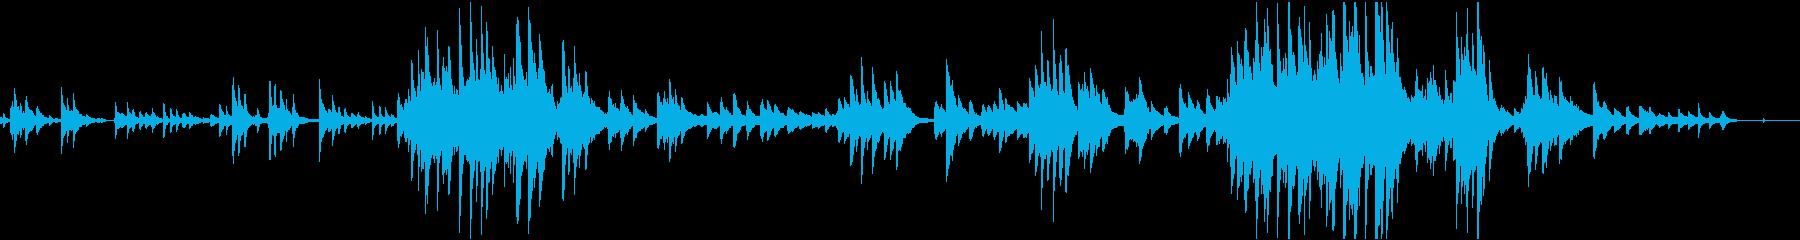 サラサラ ジャズ 現代的 交響曲 ...の再生済みの波形